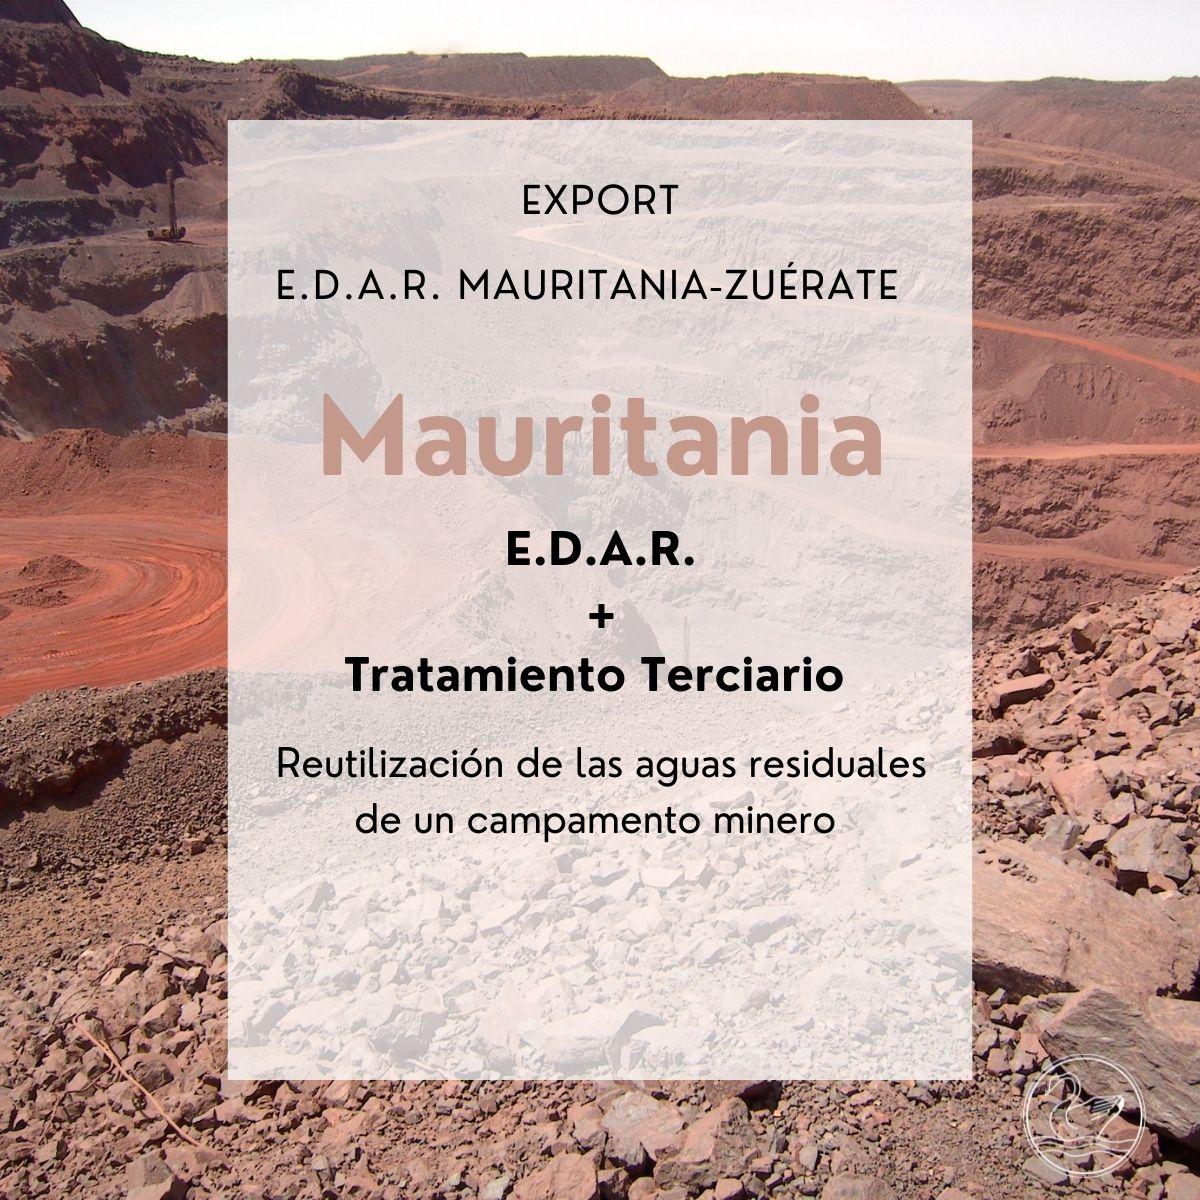 Export : Mauritania - Zuérate